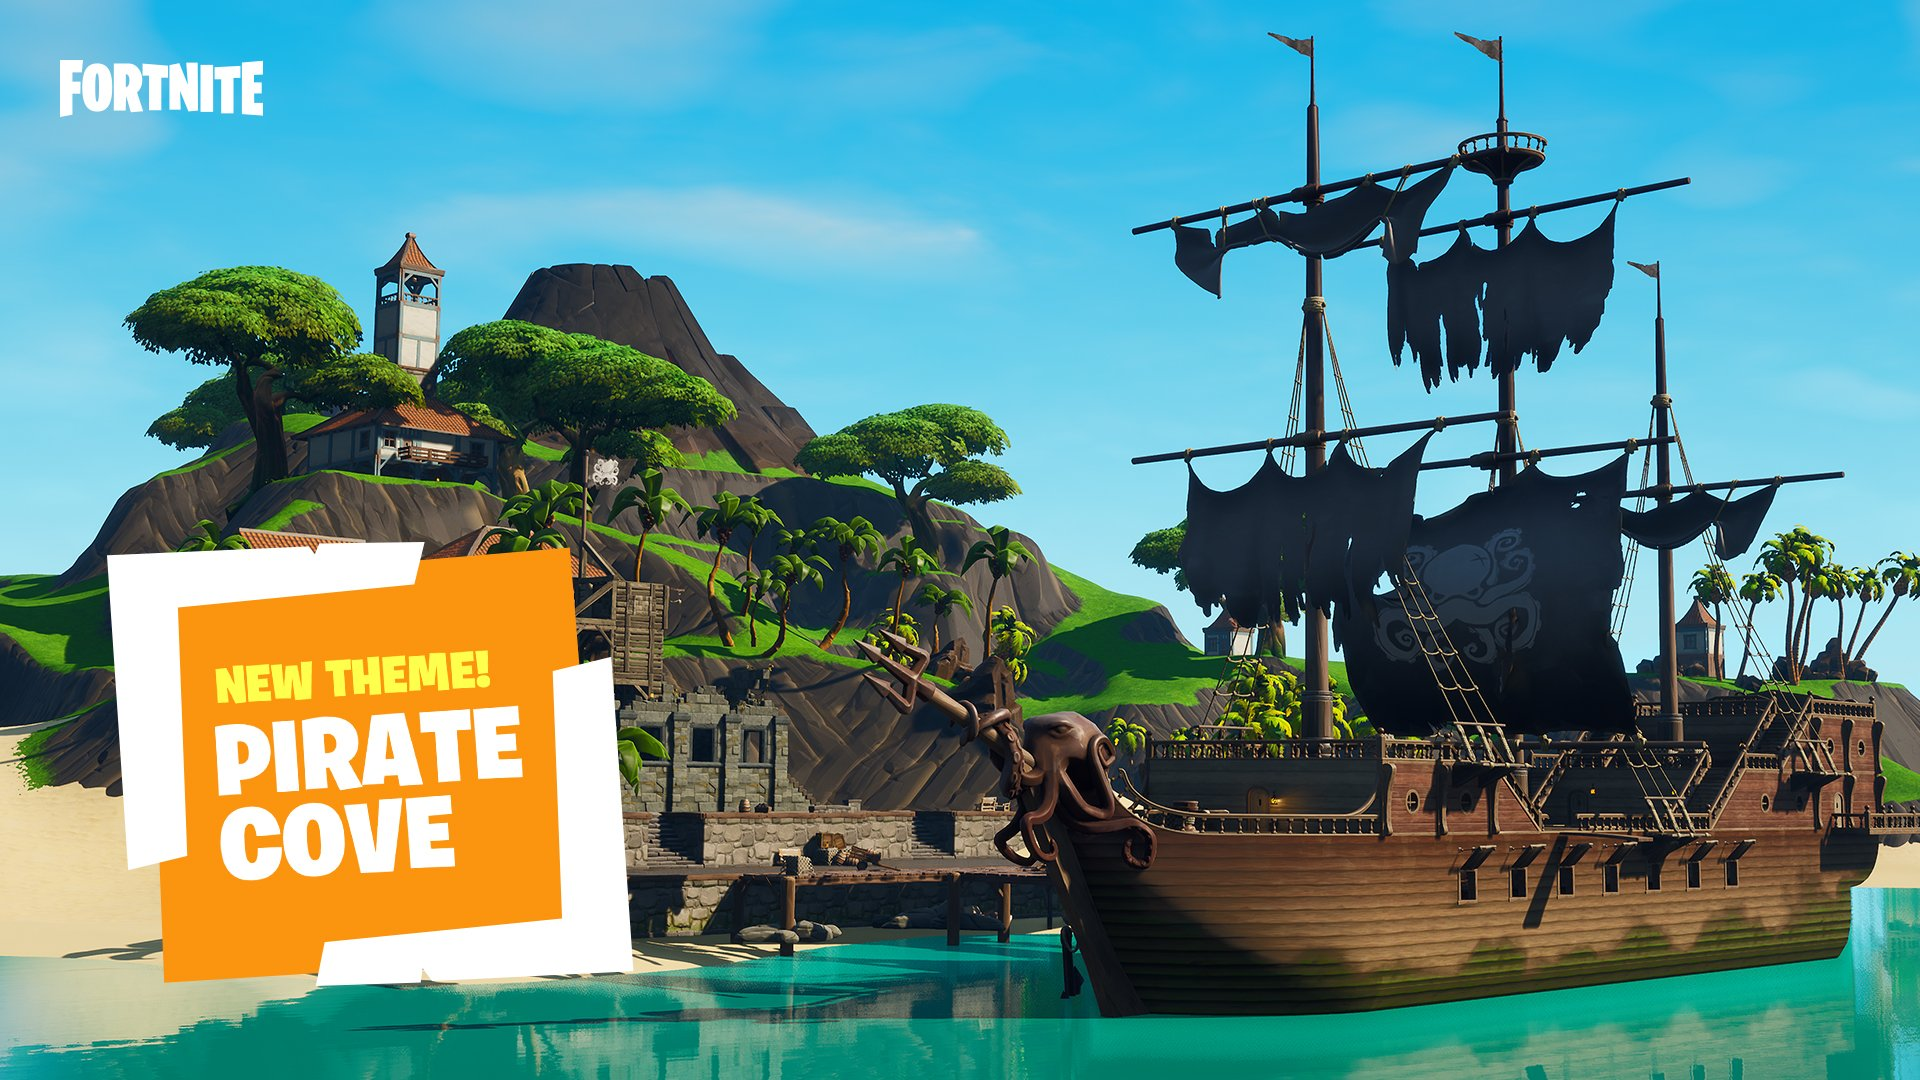 Fortnite Pirate Cove